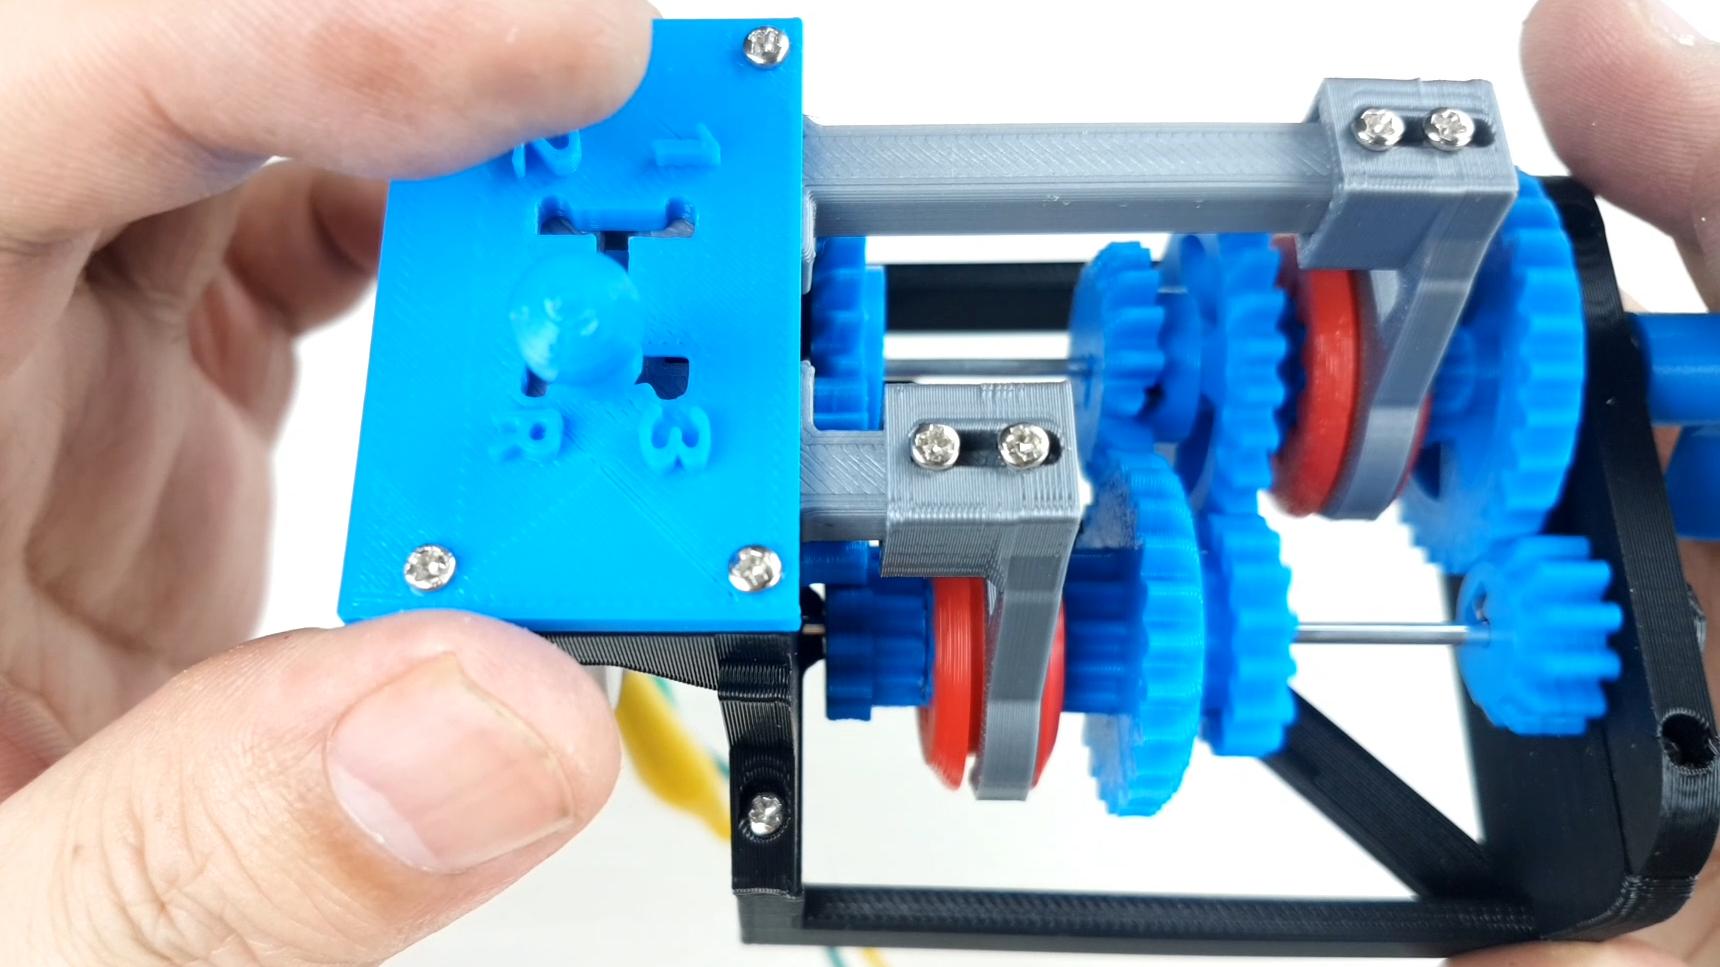 用3D打印机做出一个变速箱模型,看看手动挡汽车的机械原理是什么